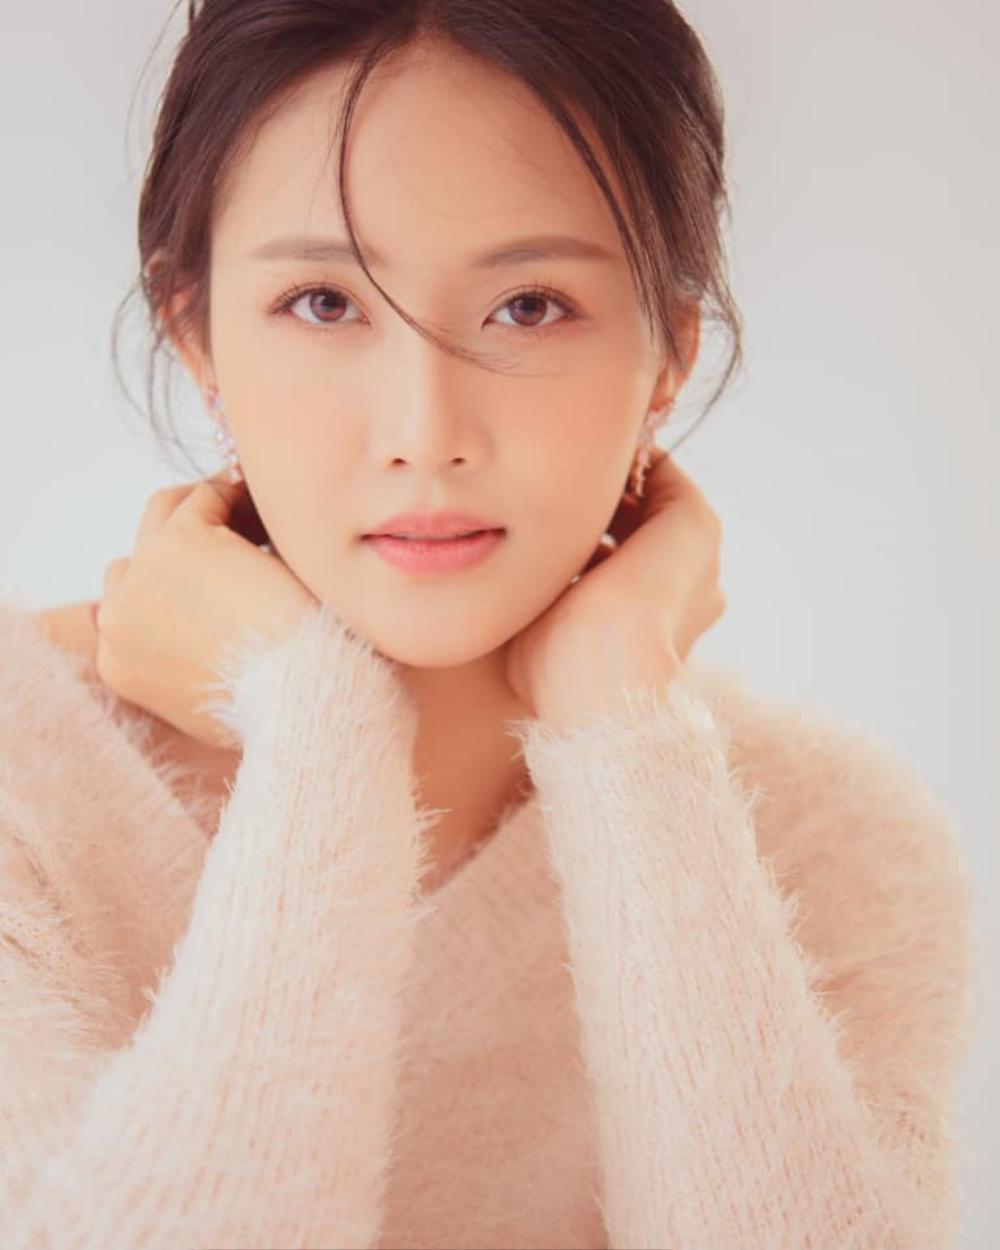 Rộ tin Miss Supranational tổ chức vào tháng 8: Đào Hà hay Lê Thu Trang sẽ là đại diện Việt Nam? Ảnh 15